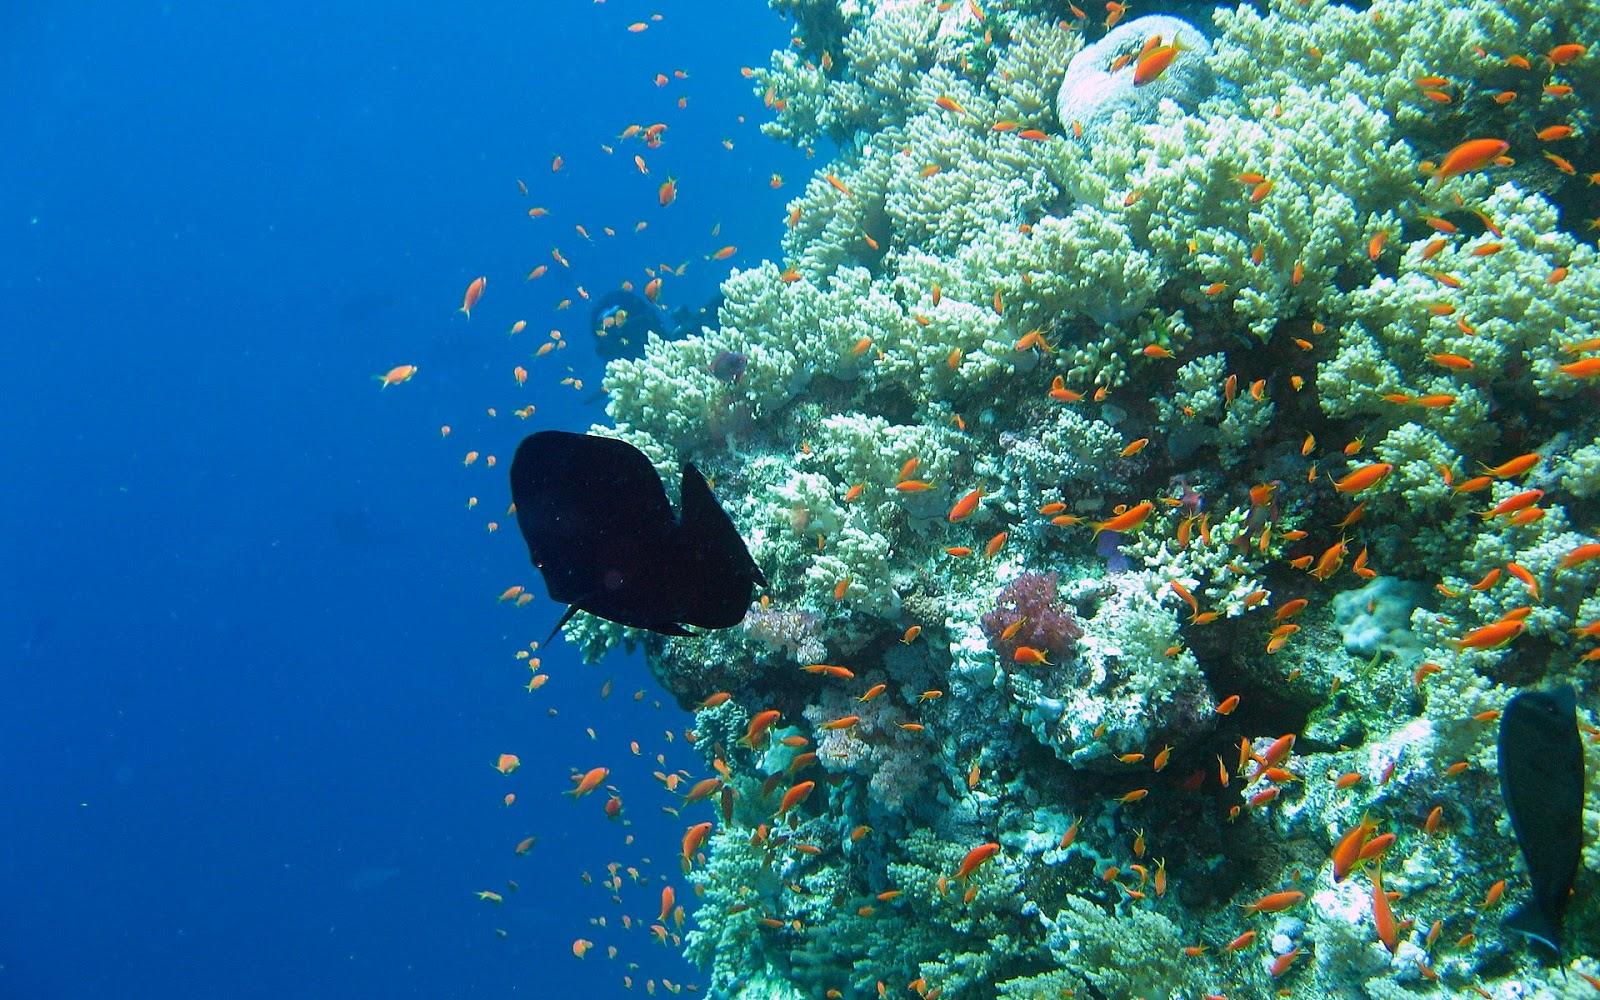 wallpaper live aquarium wallpaper aquarium wallpapers aquarium 1600x1000